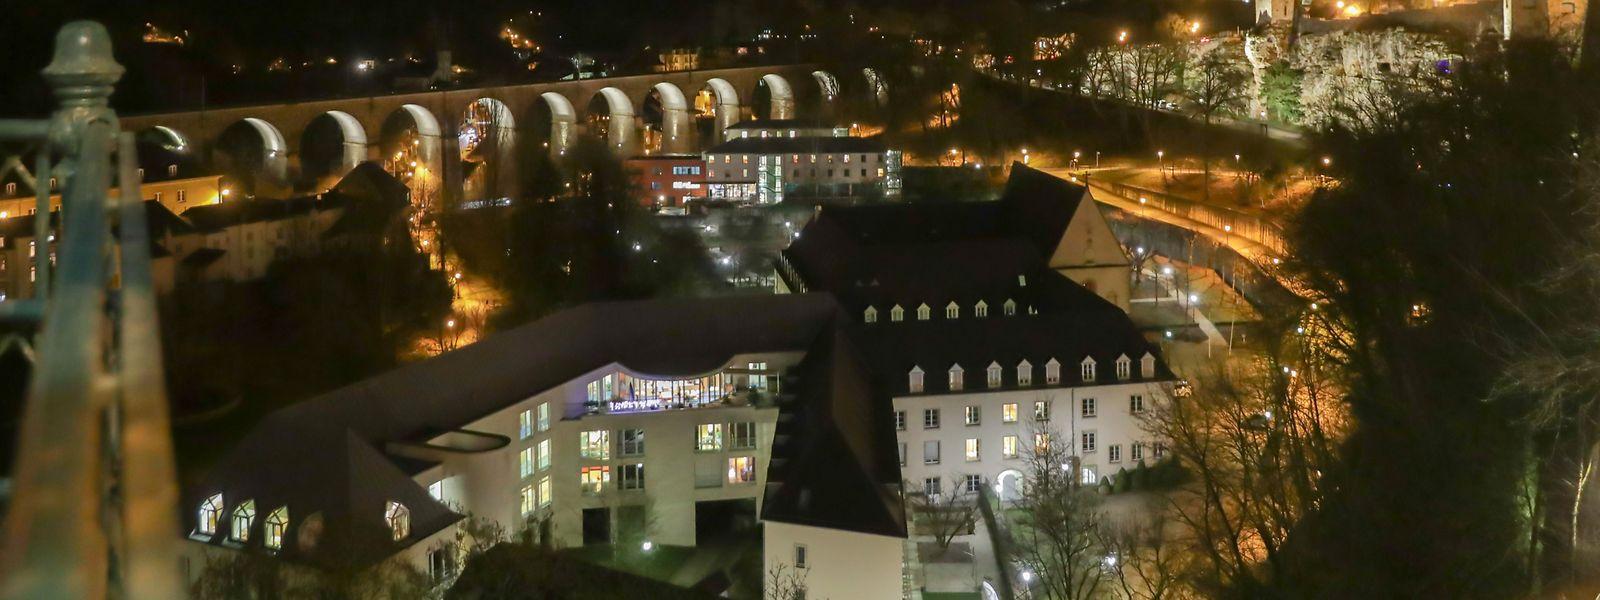 Die neuen LED-Lichter sollen die historischen Mauern besser zur Geltung bringen.